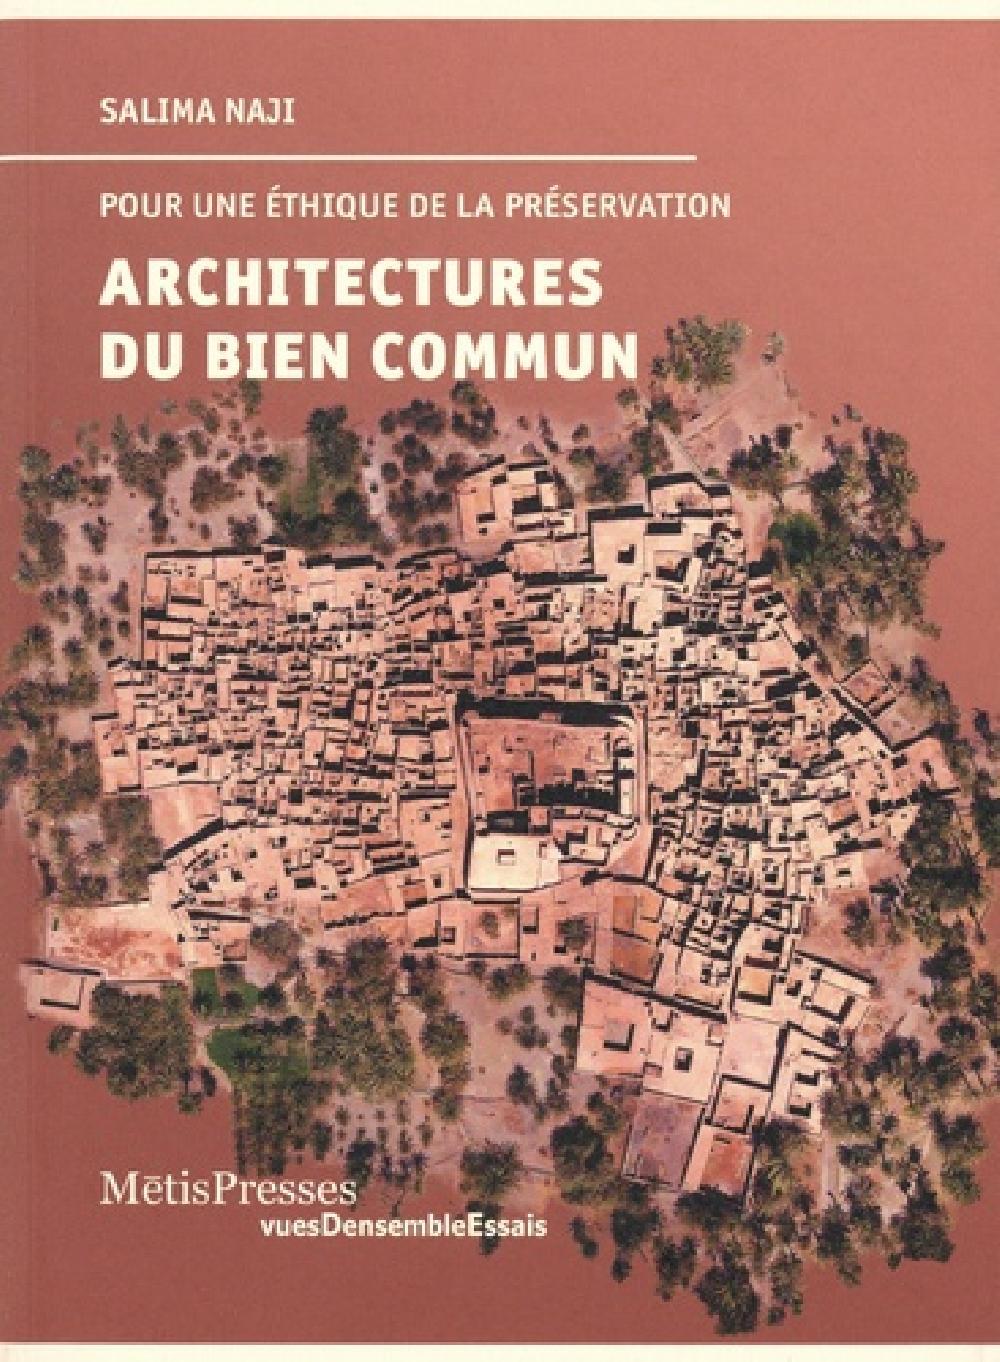 Architectures du bien commun - Pour une éthique de la préservation